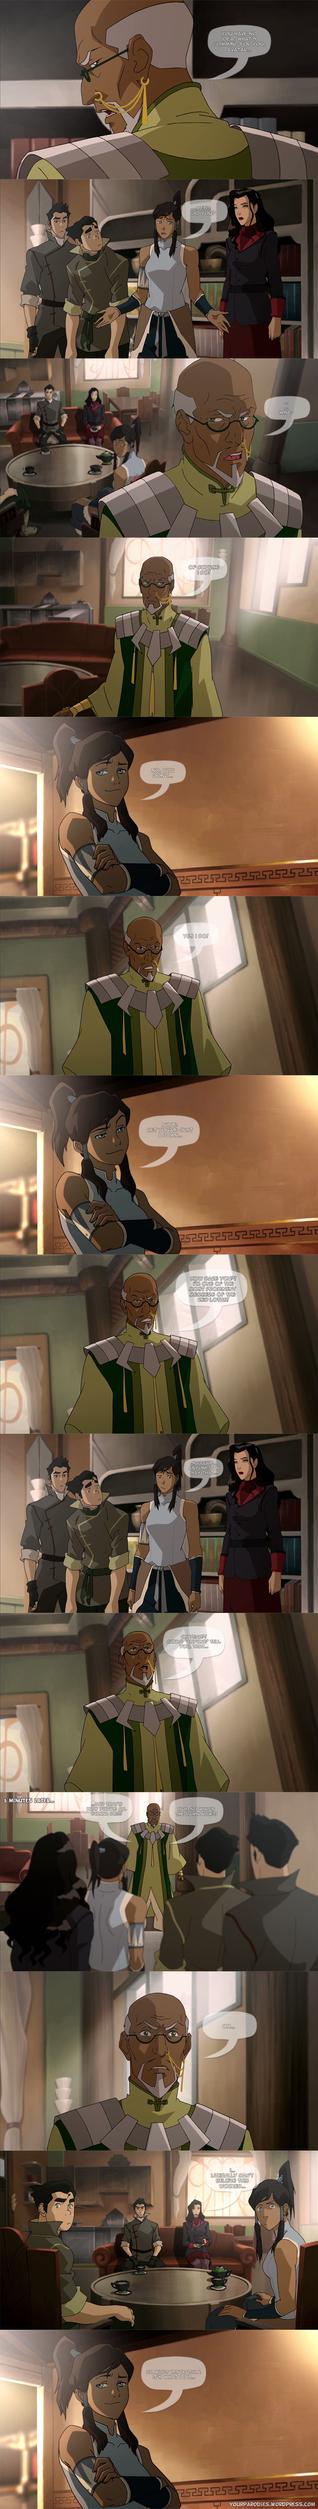 Legend of Korra - Avatar Wisdom by yourparodies